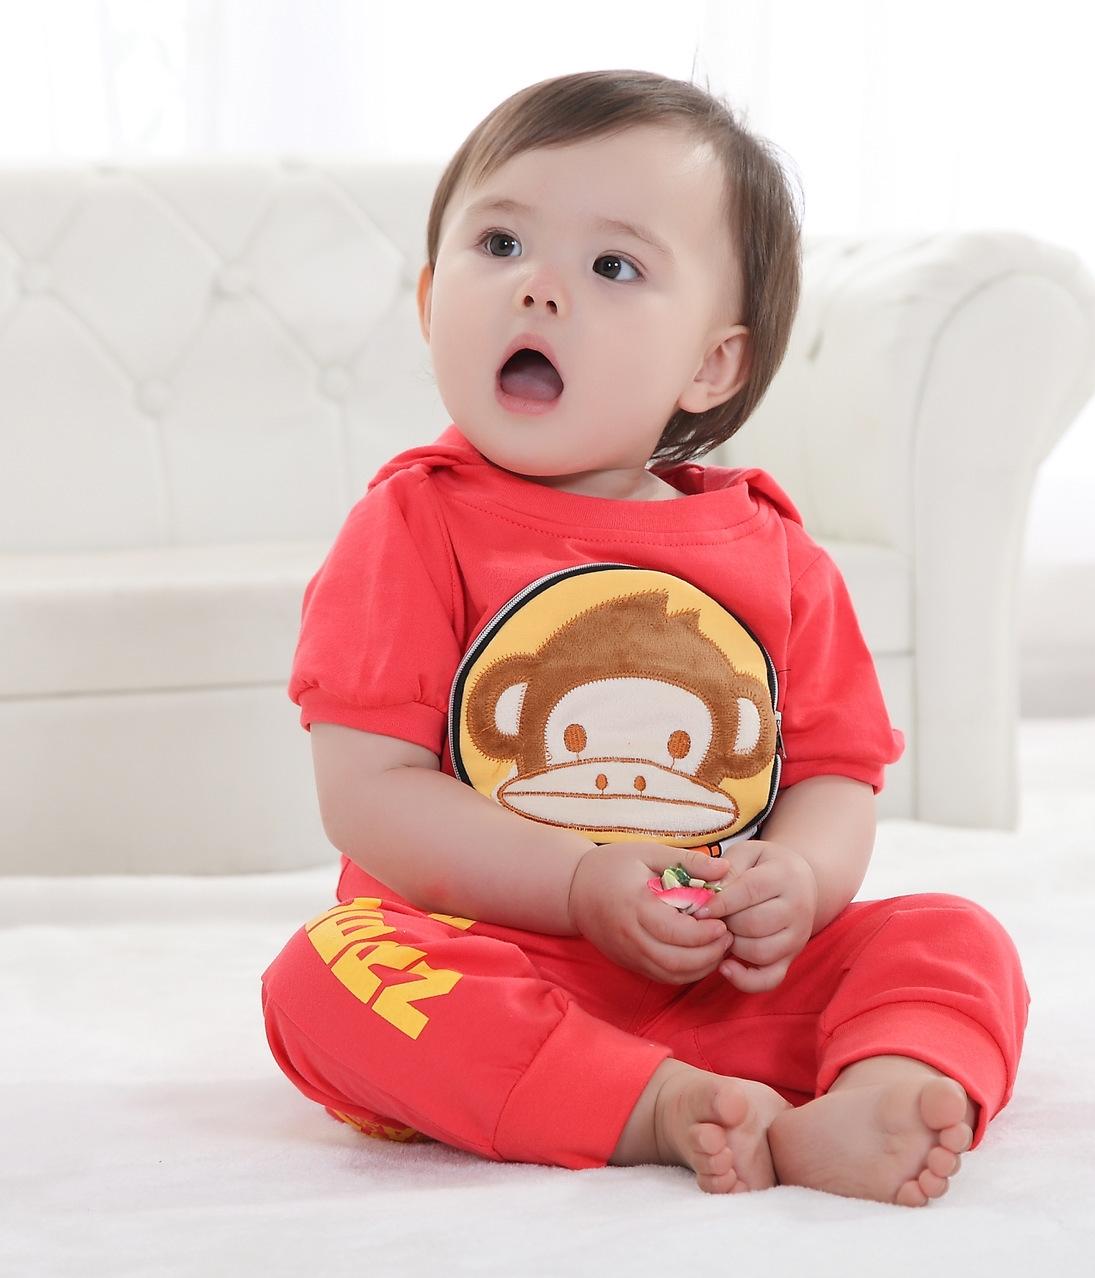 Daftar Harga Setelan Anak Monkey Termurah 2018 Gw 64 Sablon Navy Stelan Sablom Motif J Jual Baju Import Gambar Astronot